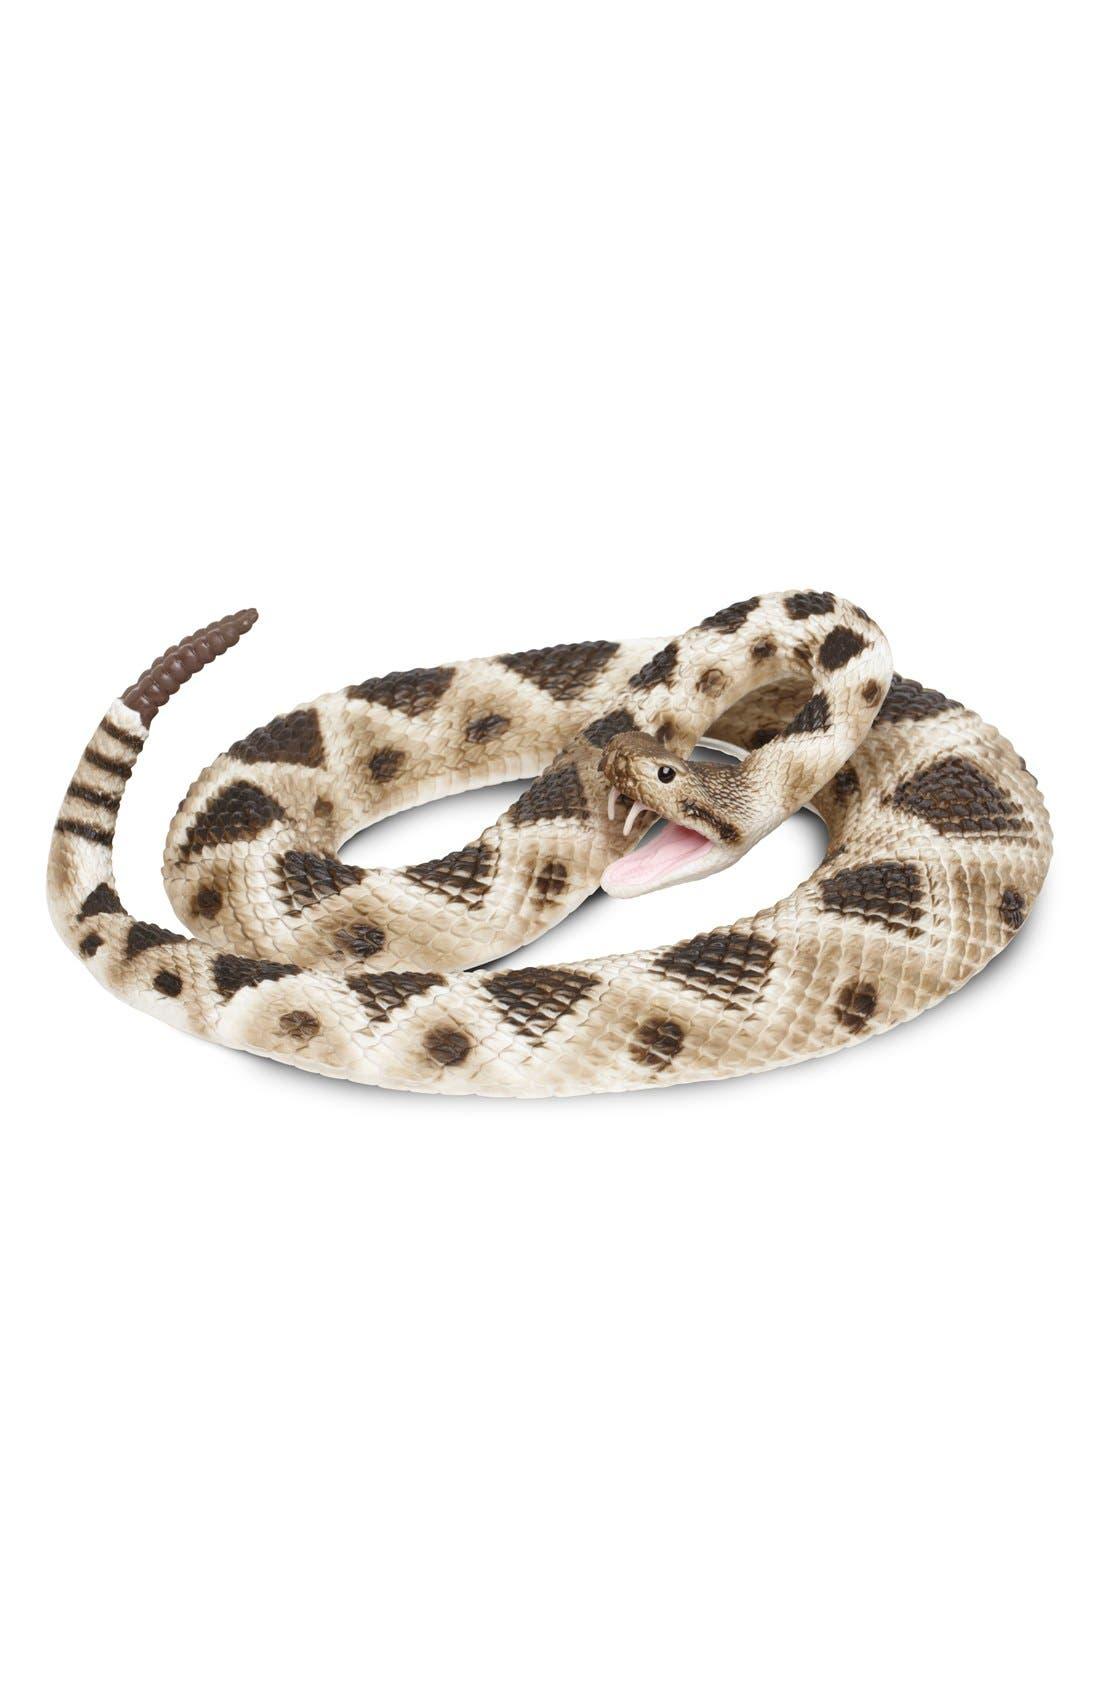 SAFARI LTD. Diamondback Rattlesnake Figurine